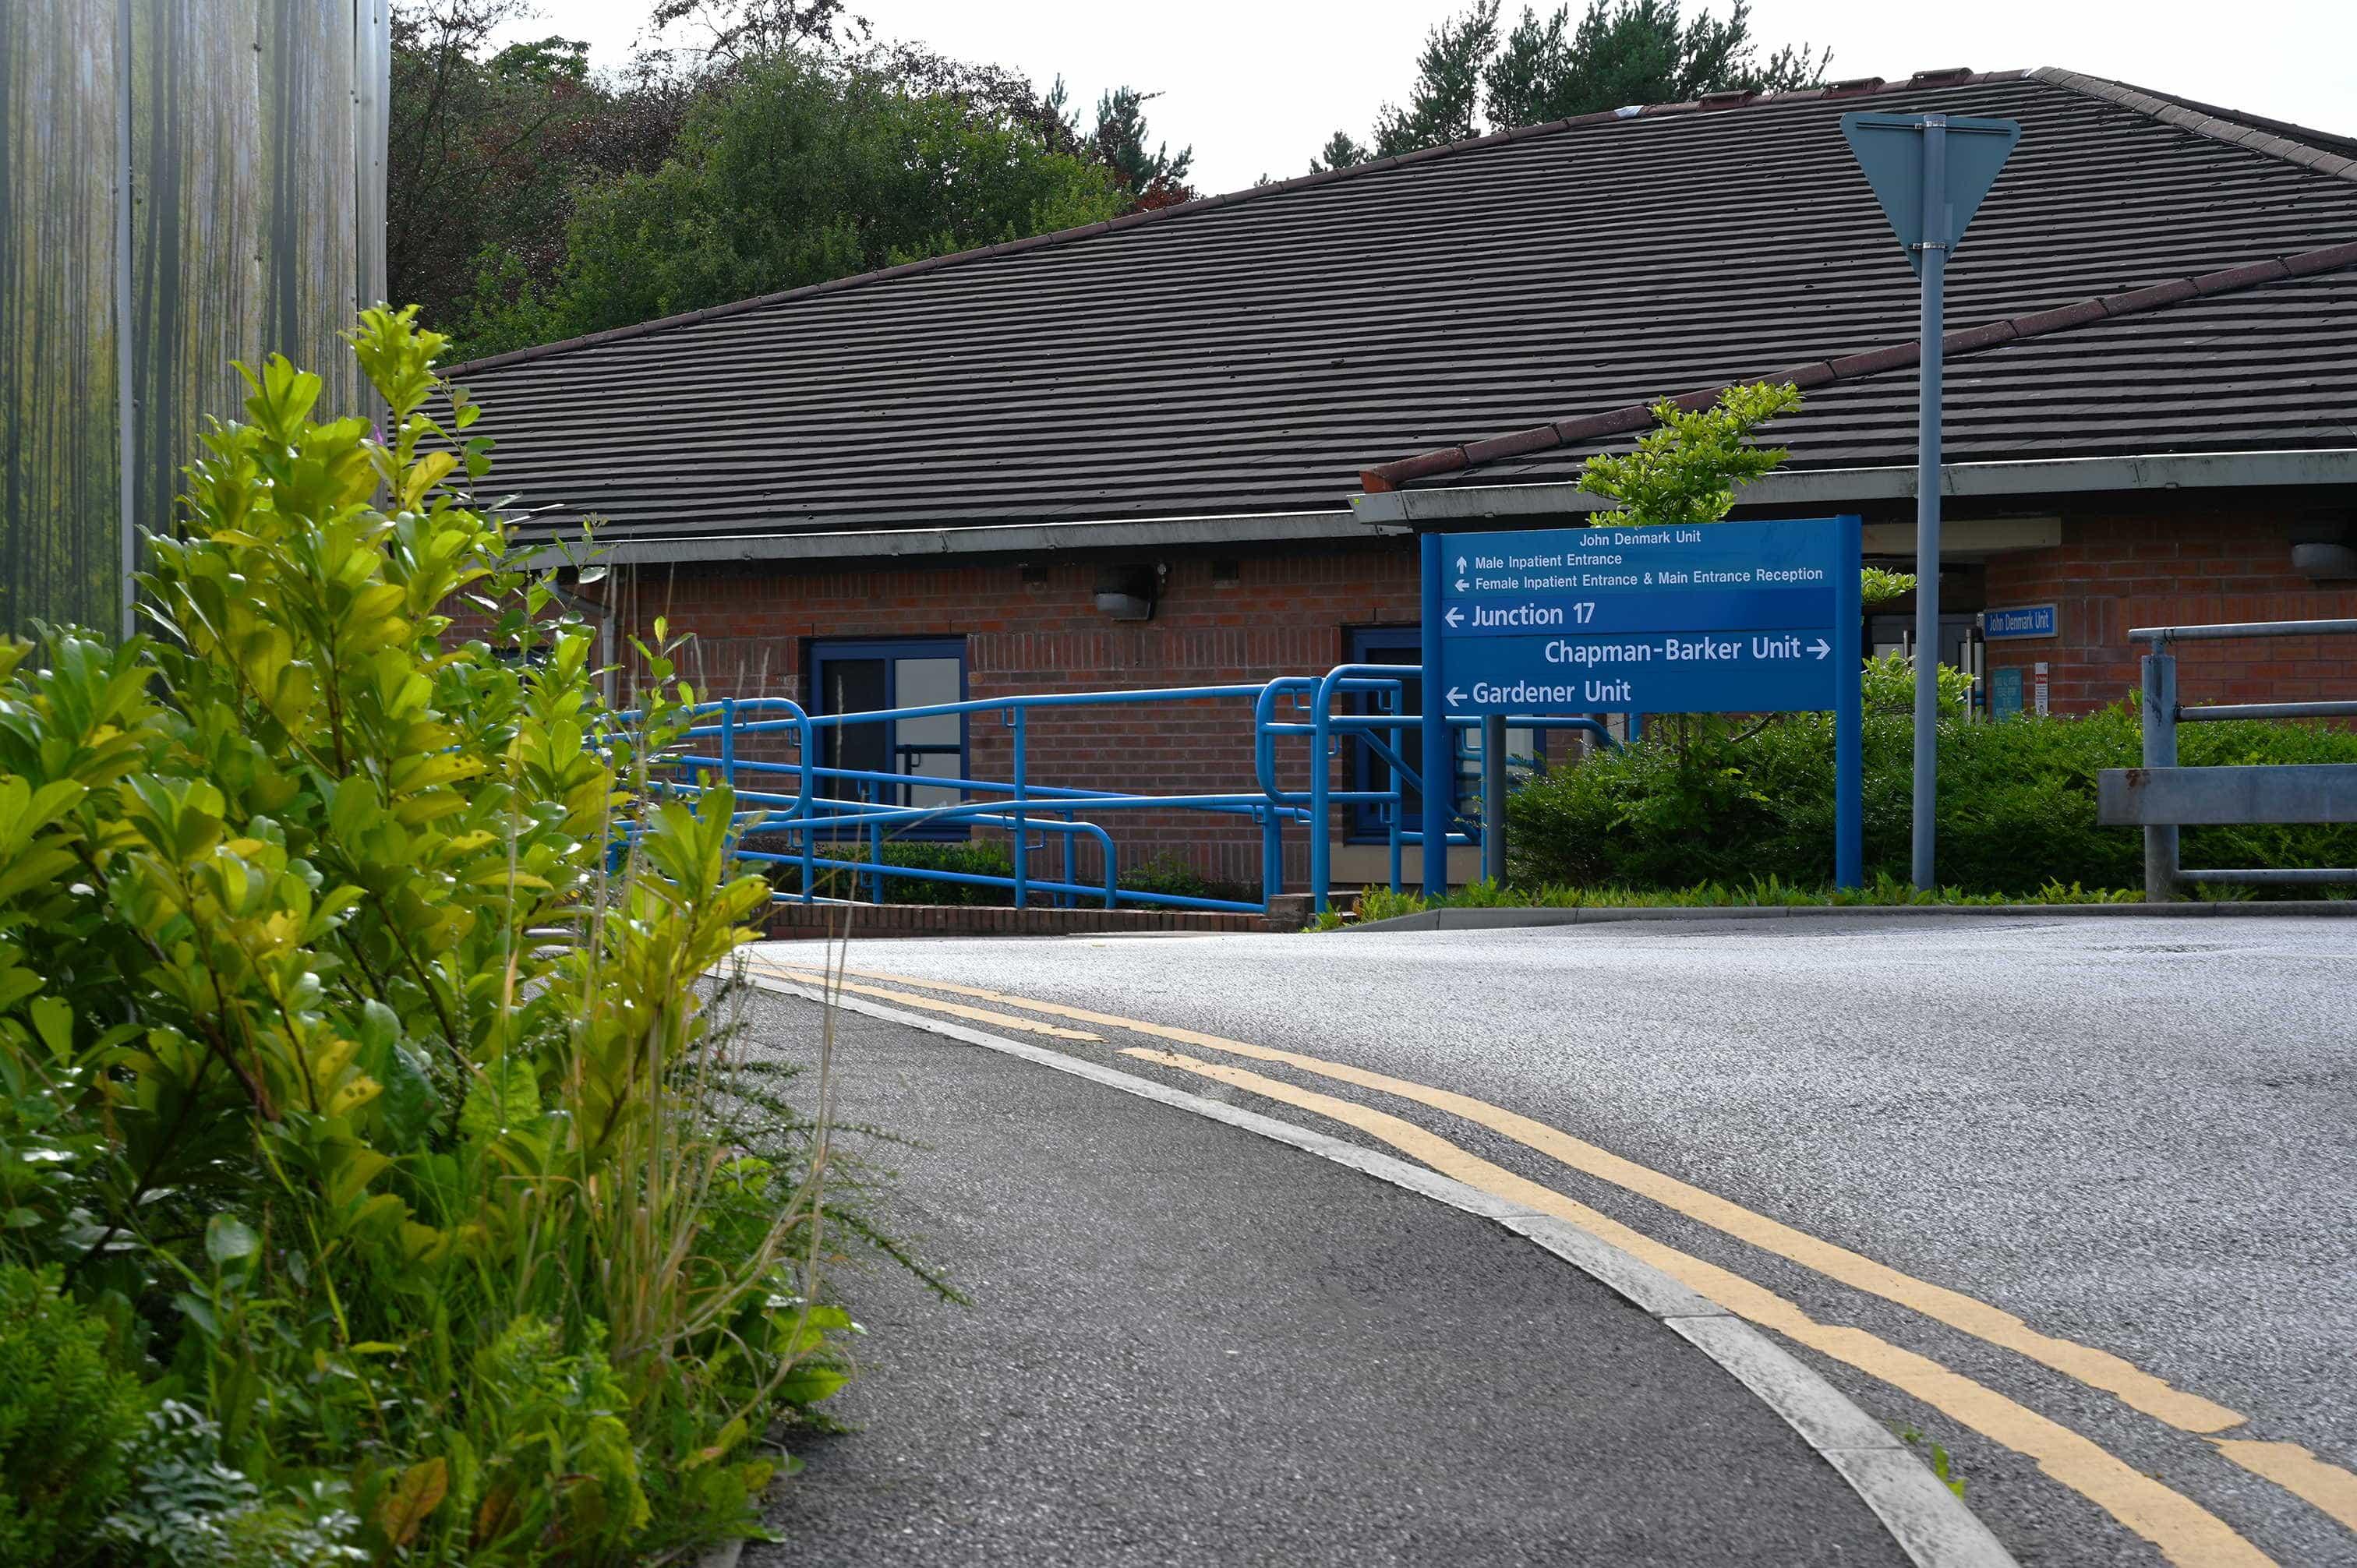 Prestwich Hospital - Outside 1